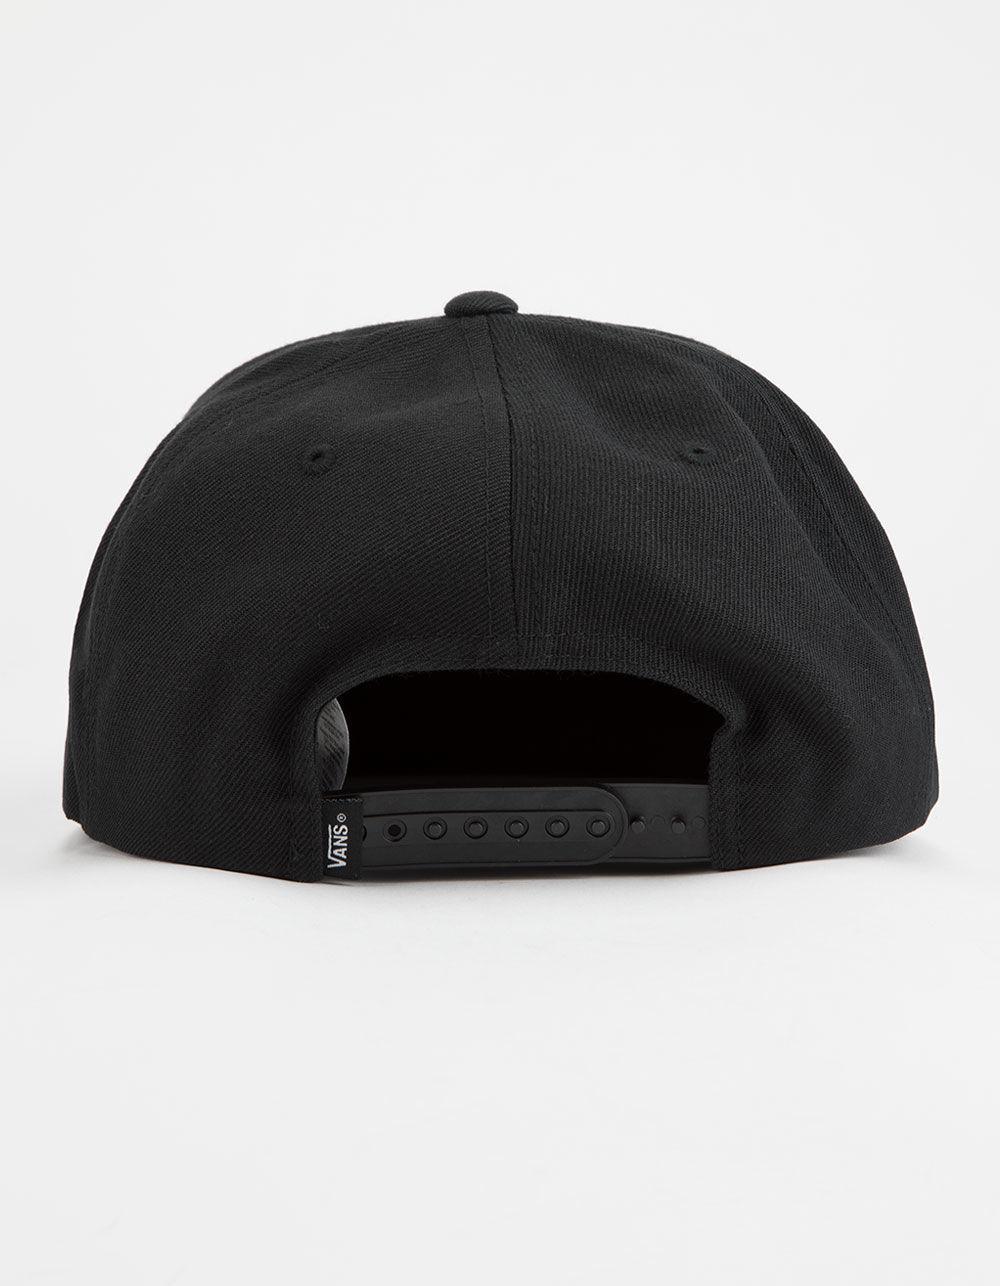 1c82da3efdad Lyst - Vans Drop V Ii Black Mens Snapback Hat in Black for Men - Save 70%